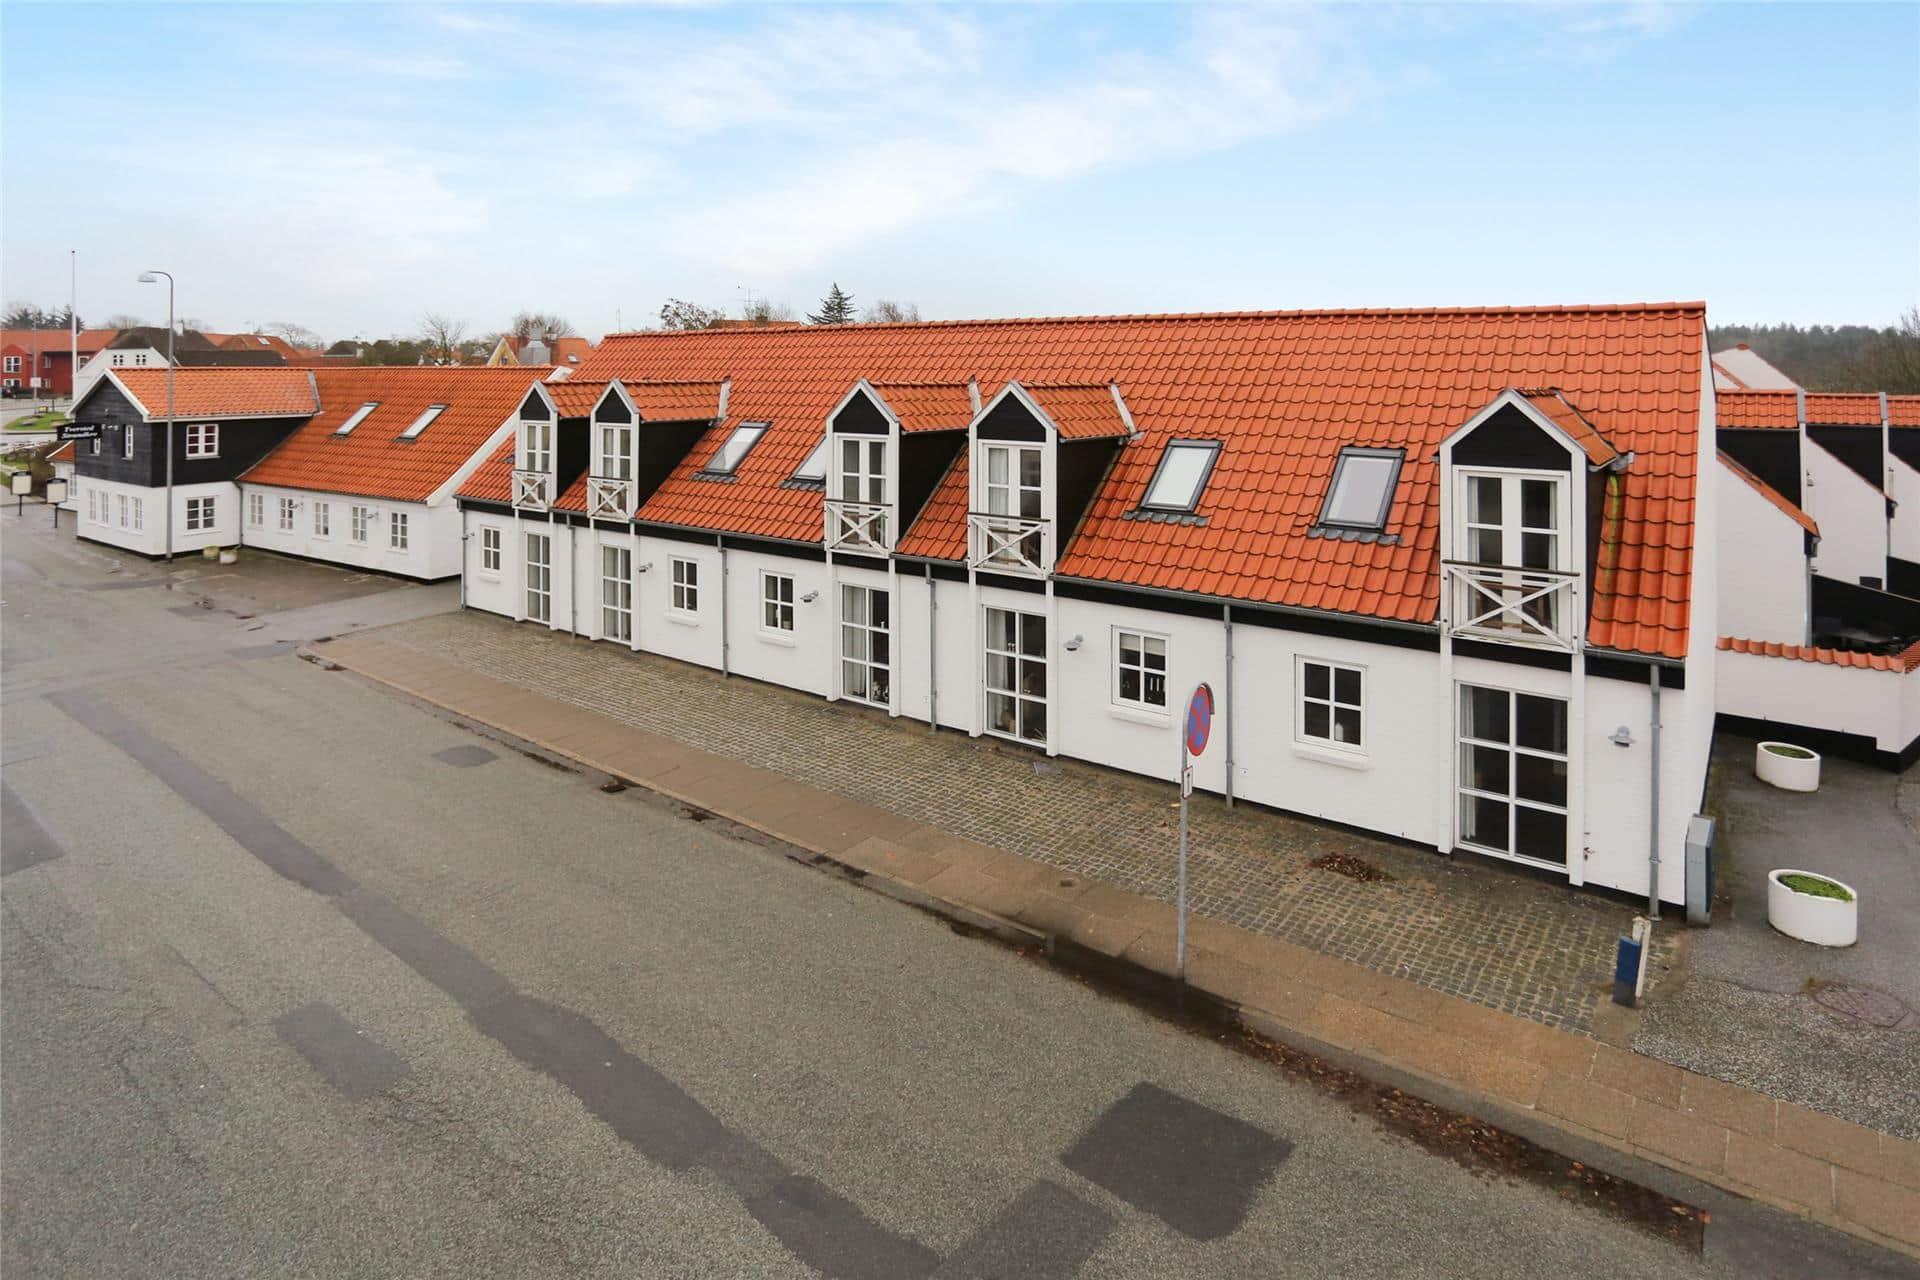 Billede 1-148 Sommerhus TV1355, Tannisbugtvej 49, DK - 9881 Bindslev